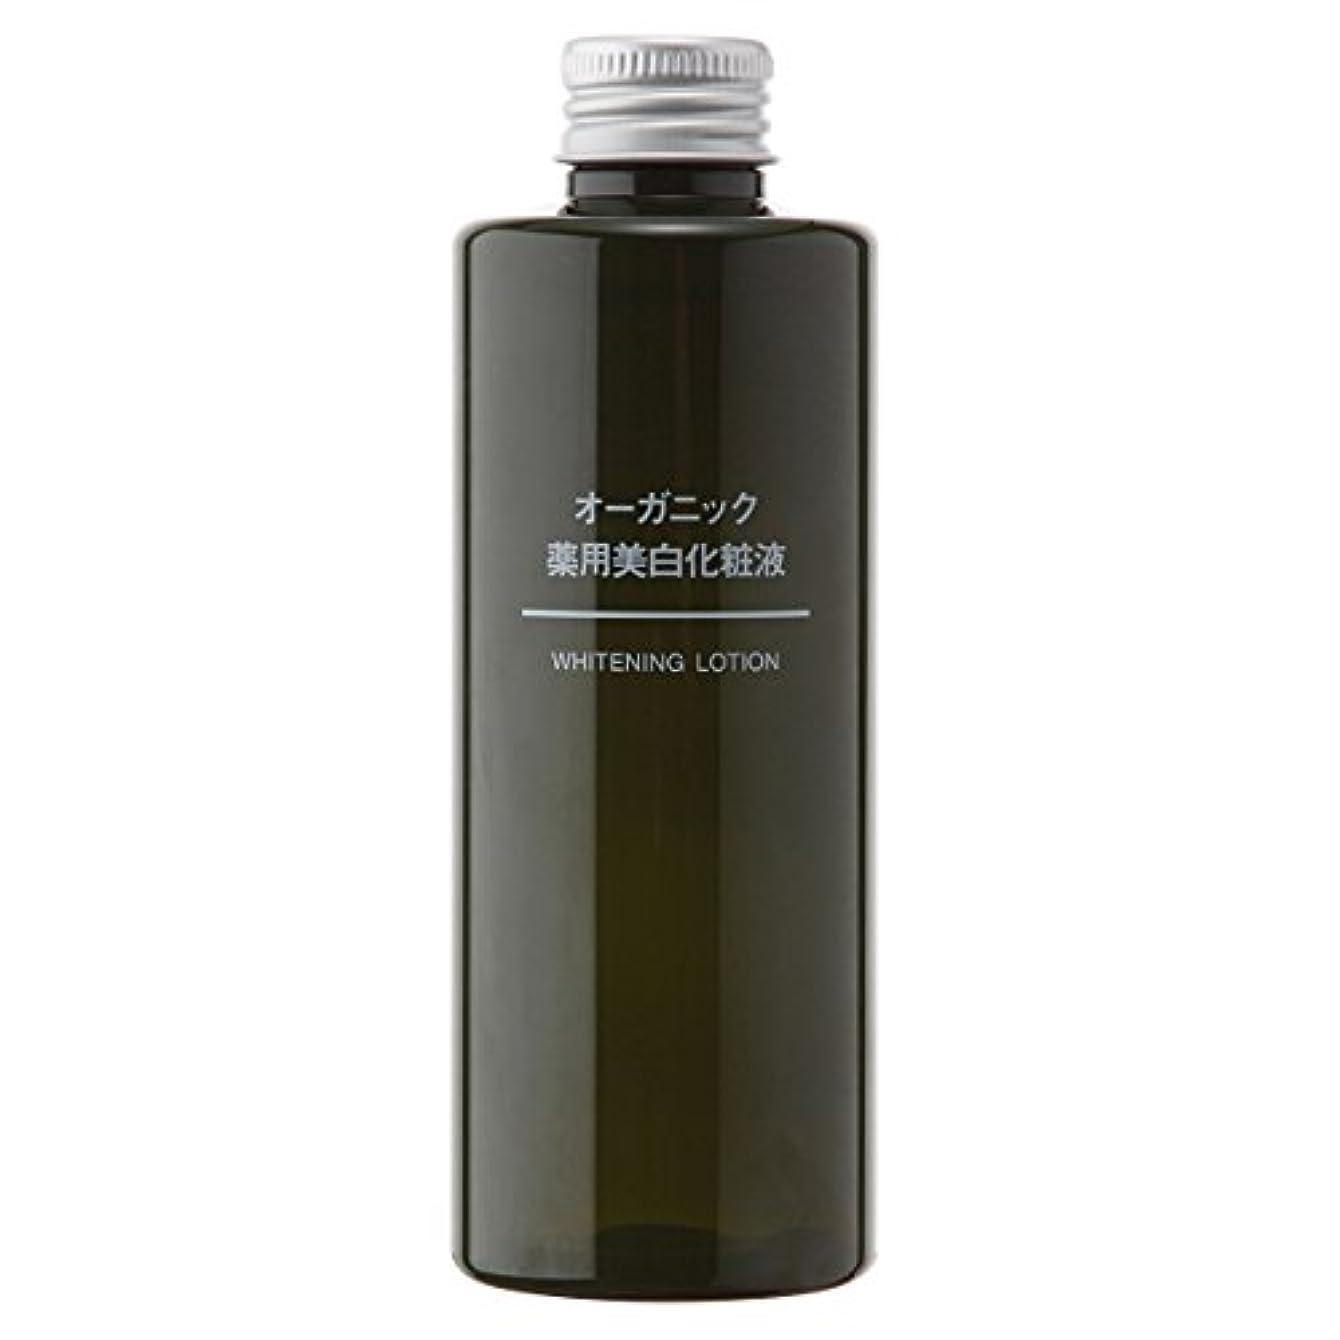 遅らせる拡張呼吸する無印良品 オーガニック薬用美白化粧液 200ml